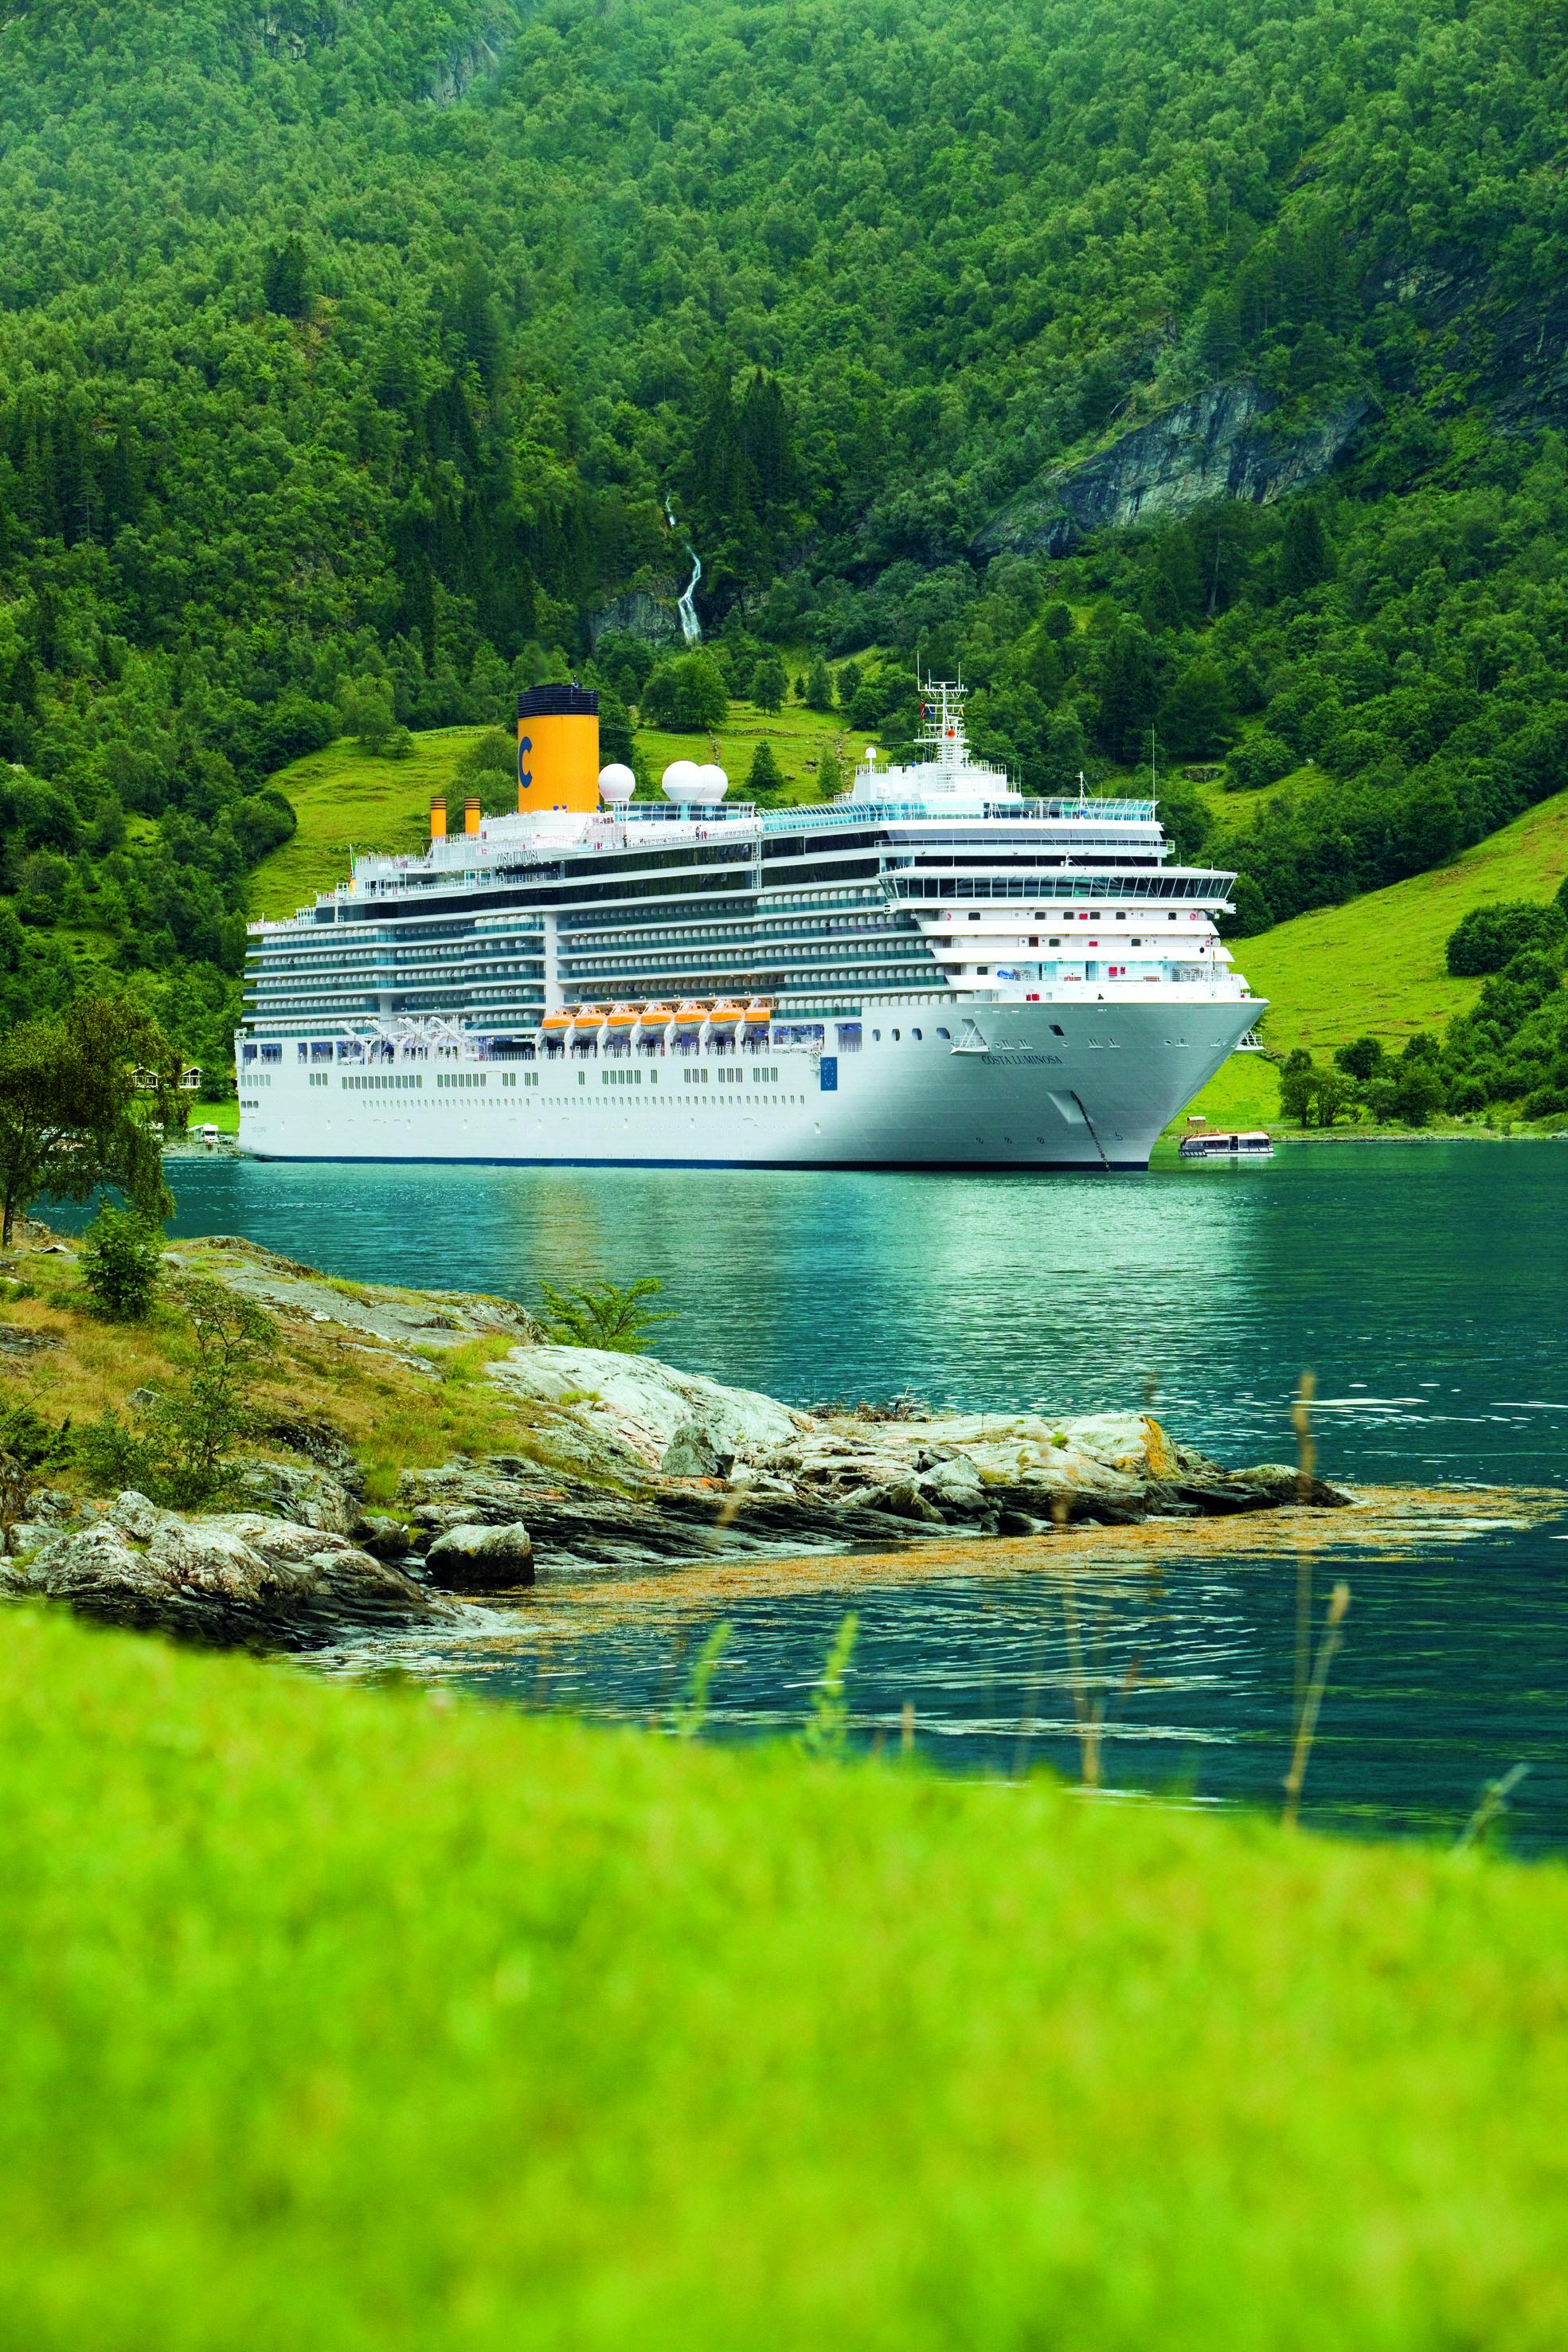 טיול מאורגן כולל שייט בים האדריאטי | 03.04 | פסח | 12 יום באוניית הפאר COSTA LUMINOSA